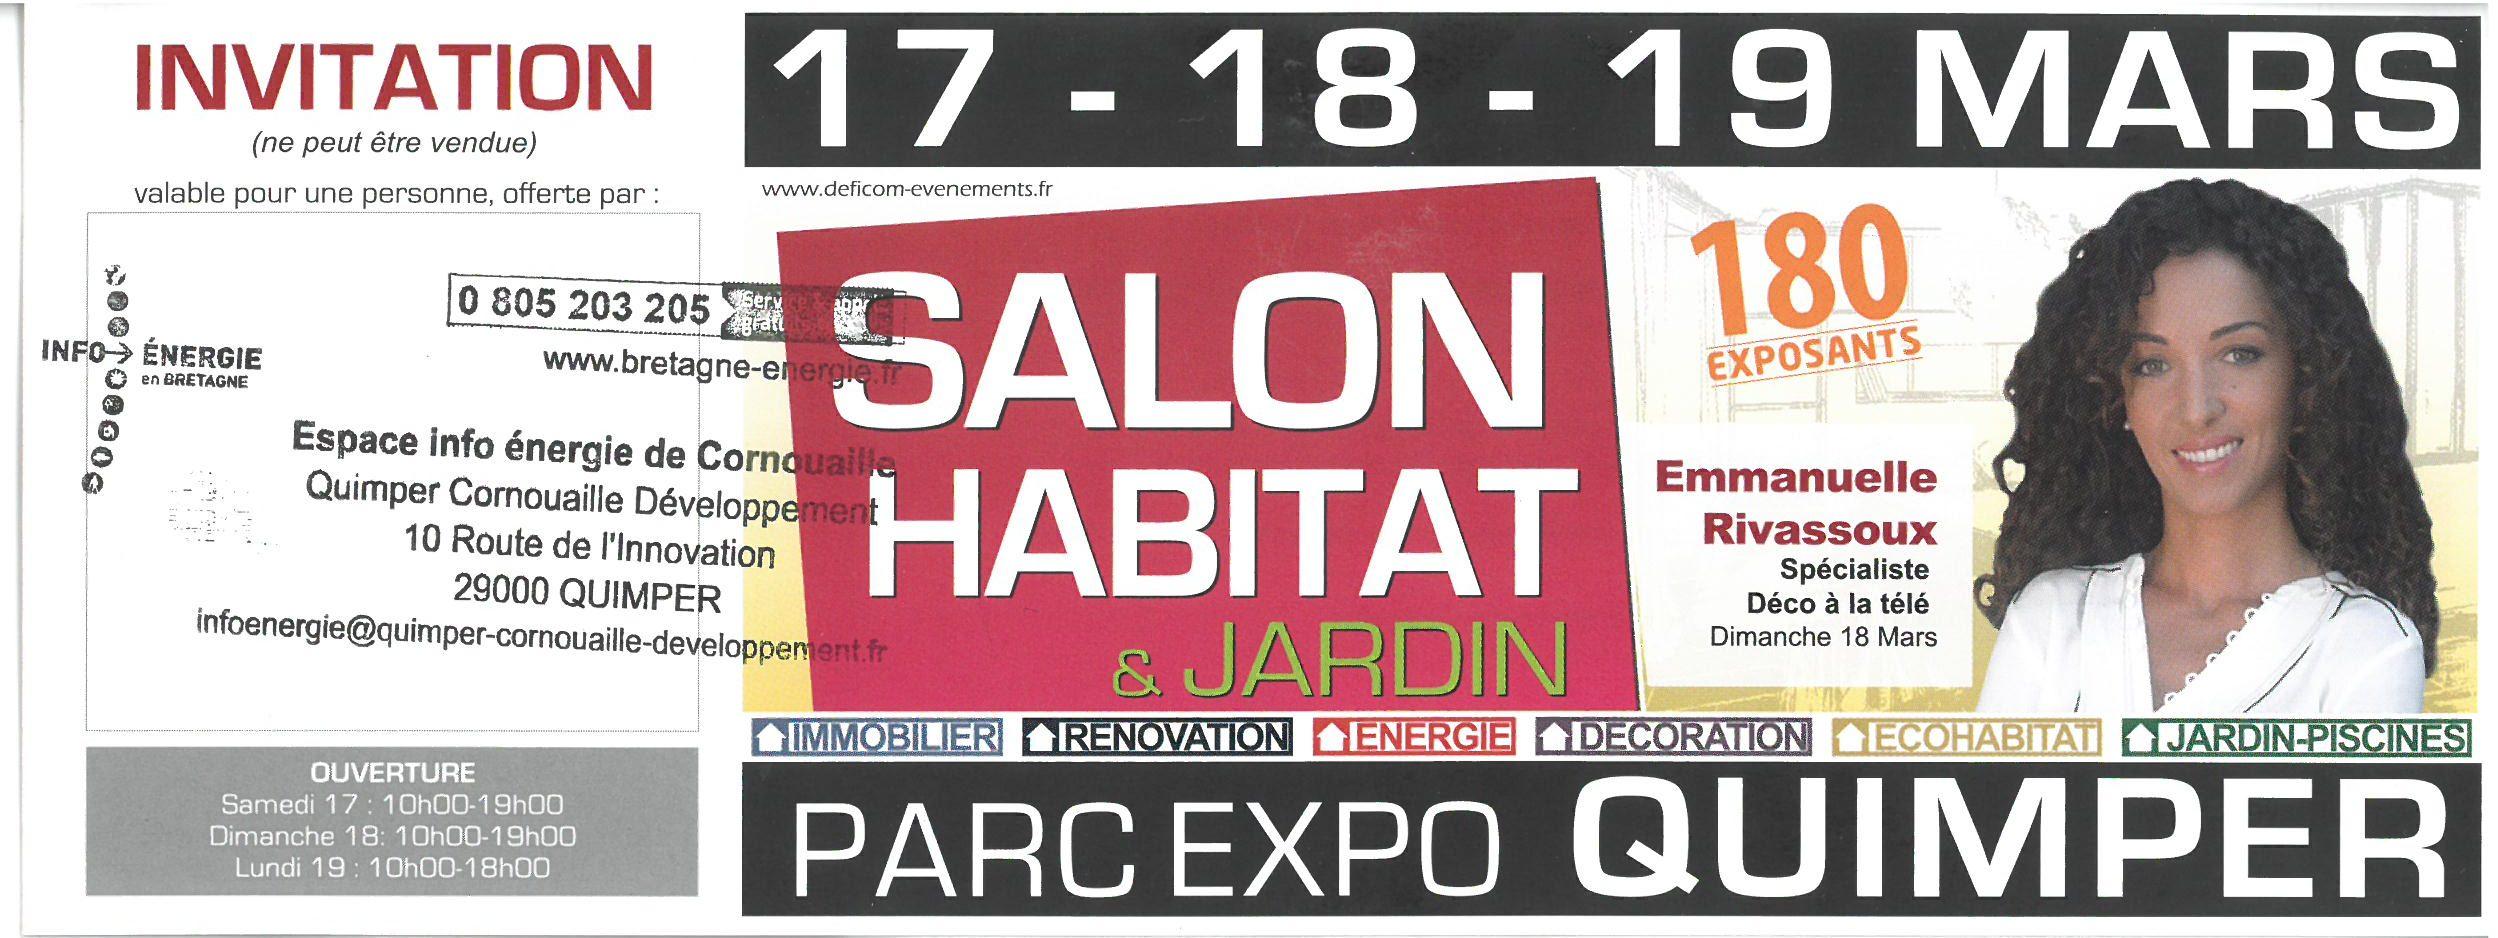 Salon de l 39 habitat et jardin ch let maison et cabane - Salon de l habitat chambery ...